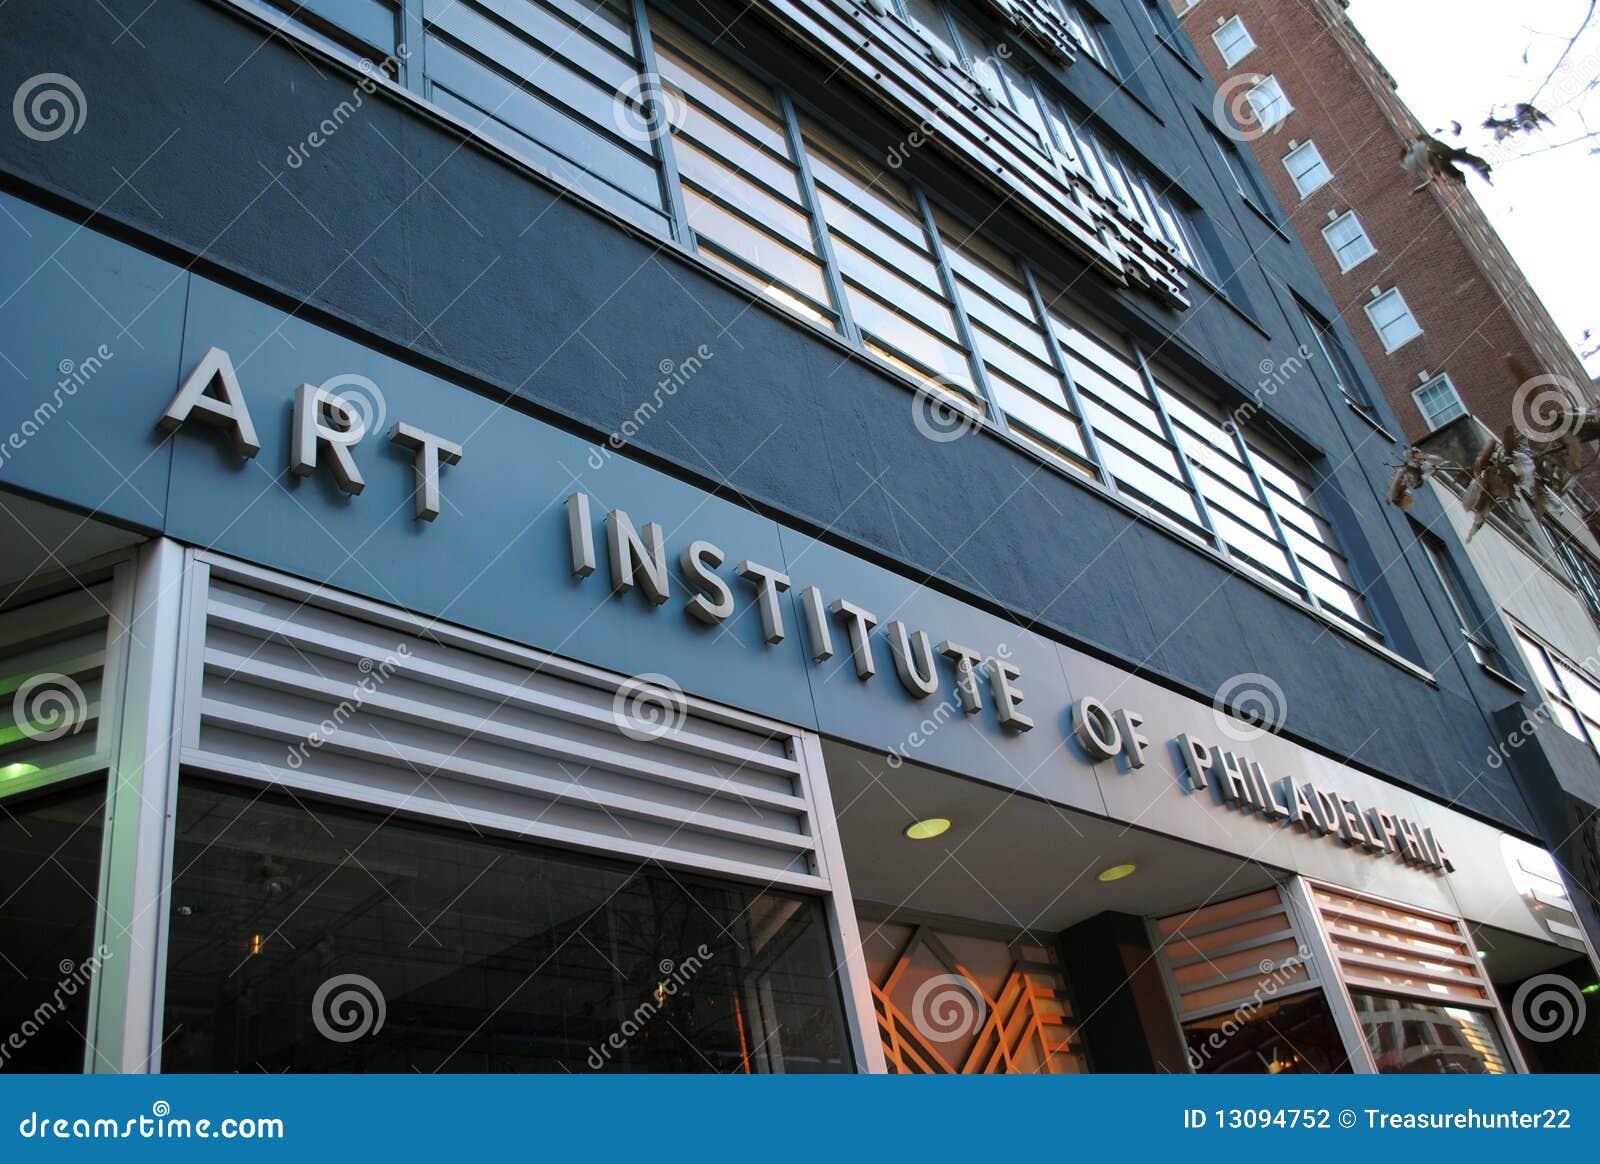 Art institute of philadelphia essays